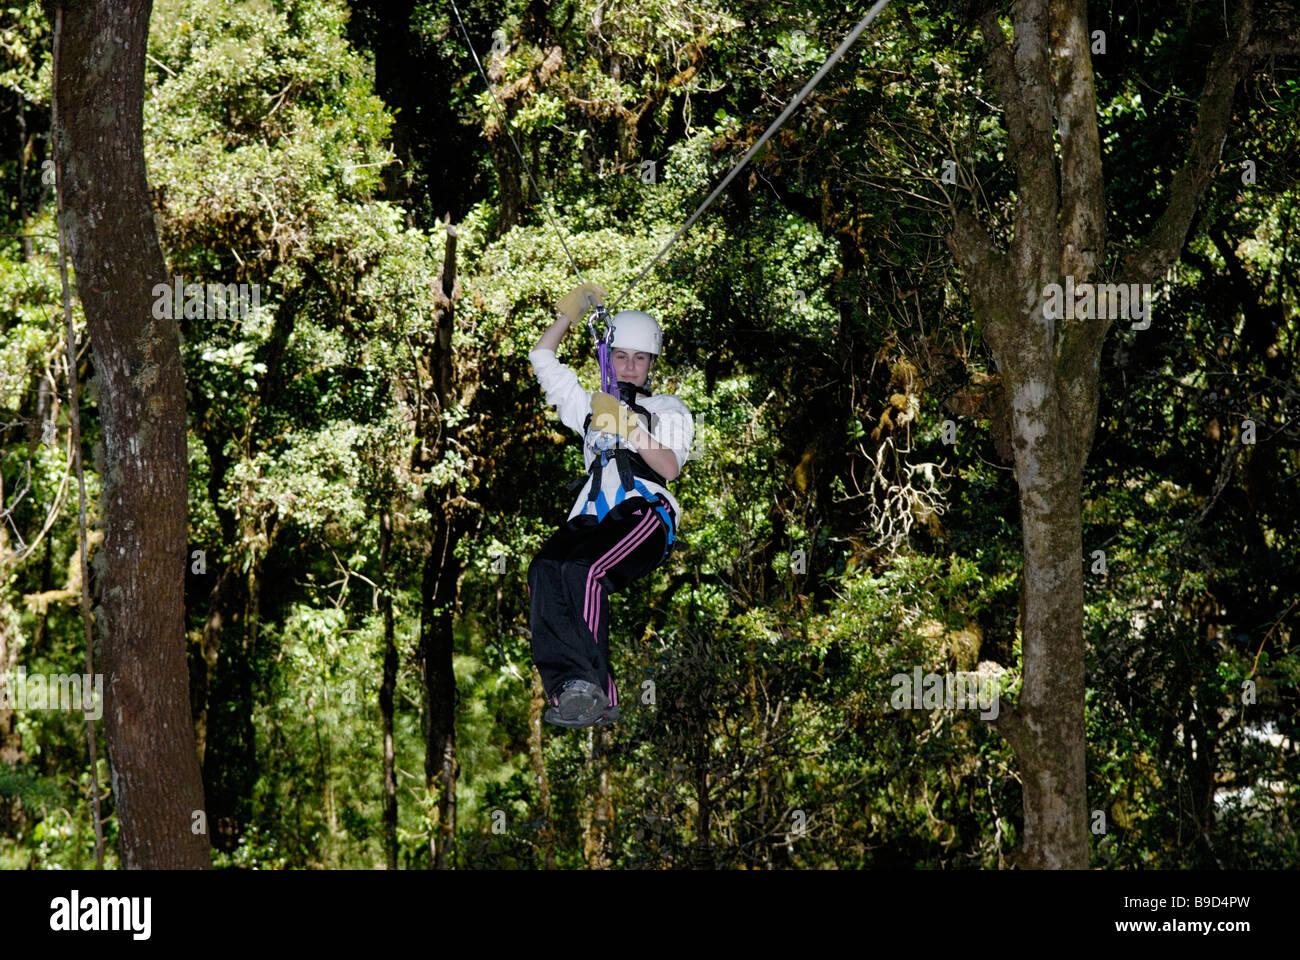 Zipline ride in rainforest, Costa Rica - Stock Image